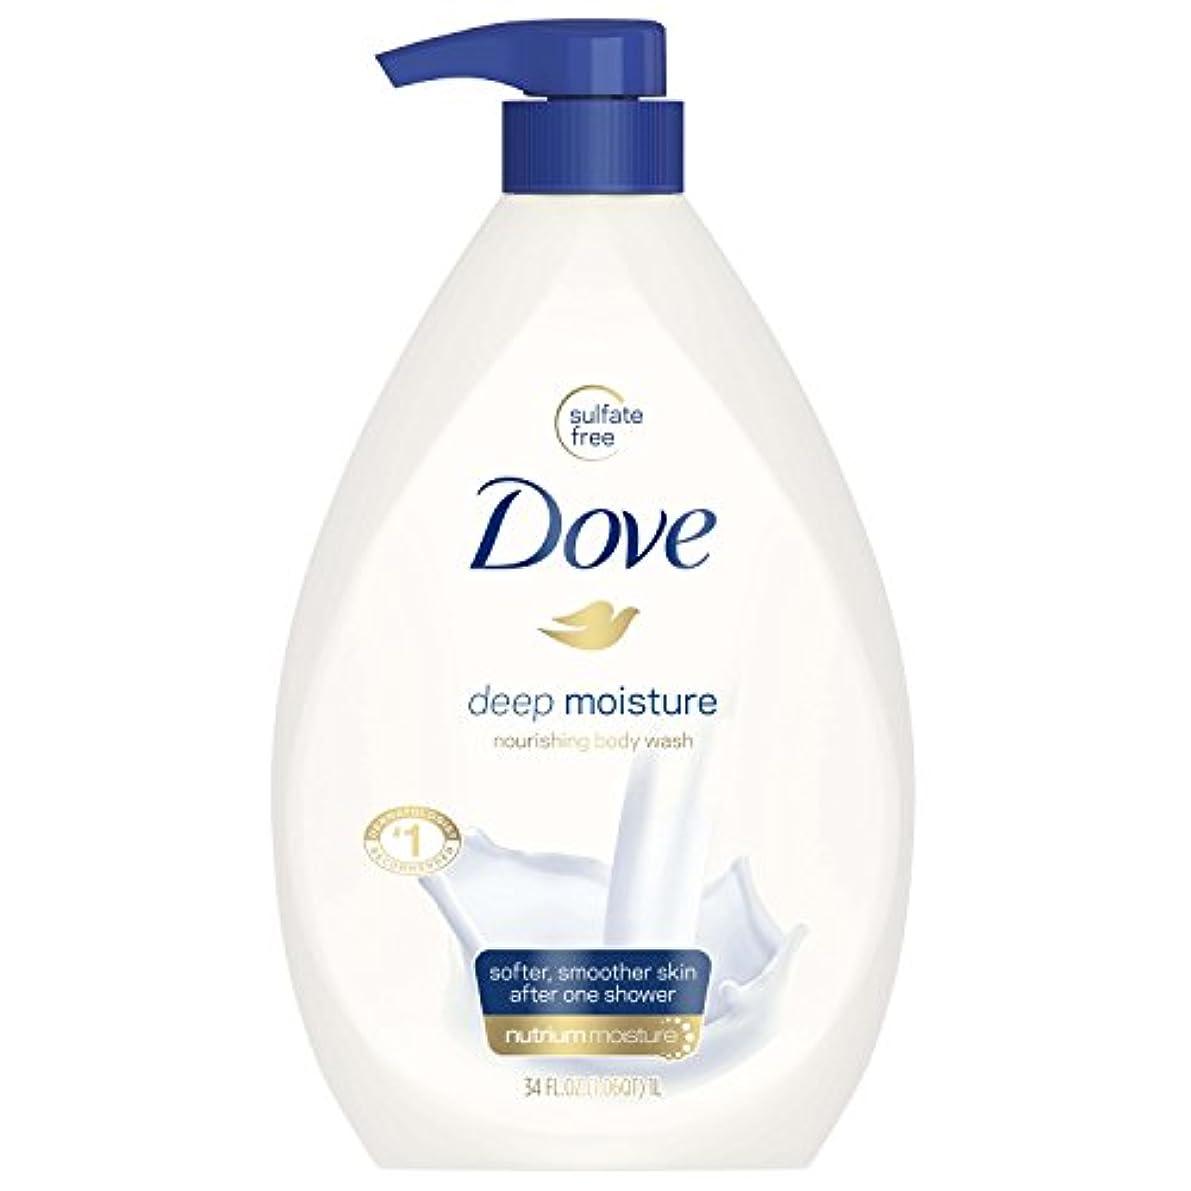 シュートエーカー推進Dove Body Wash, Deep Moisture Pump 34 Ounce by Dove